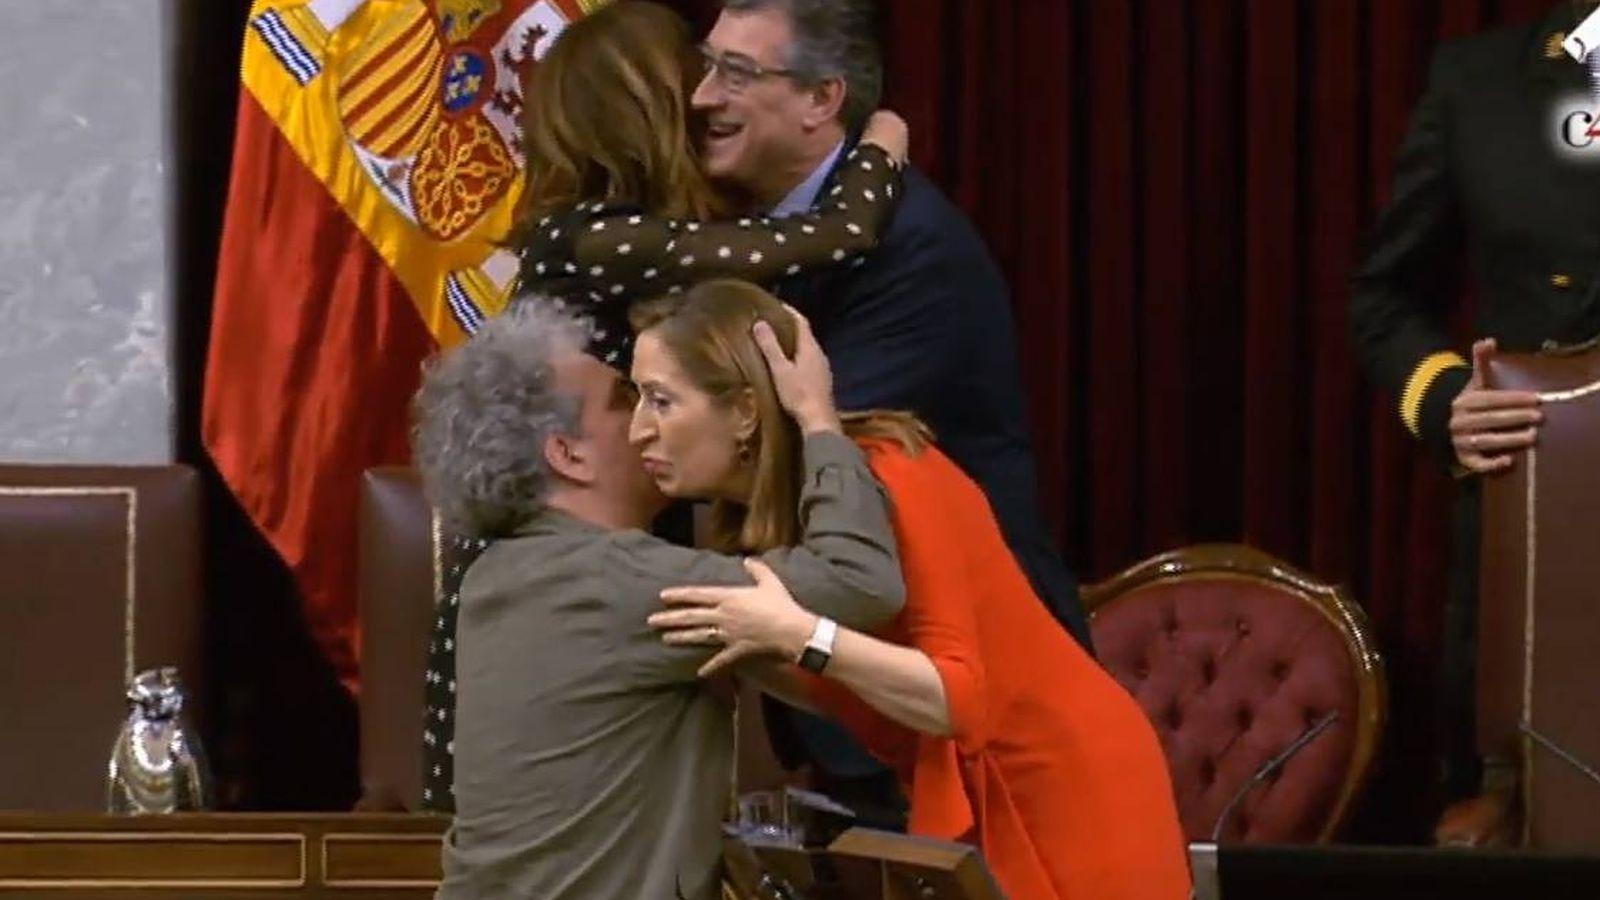 Foto: La presidenta del Congreso, Ana Pastor, se despide de Marcelo Expósito (Unidos Podemos). Detrás, Alicia Sánchez Camacho (PP) y Nacho Prendes (Cs).